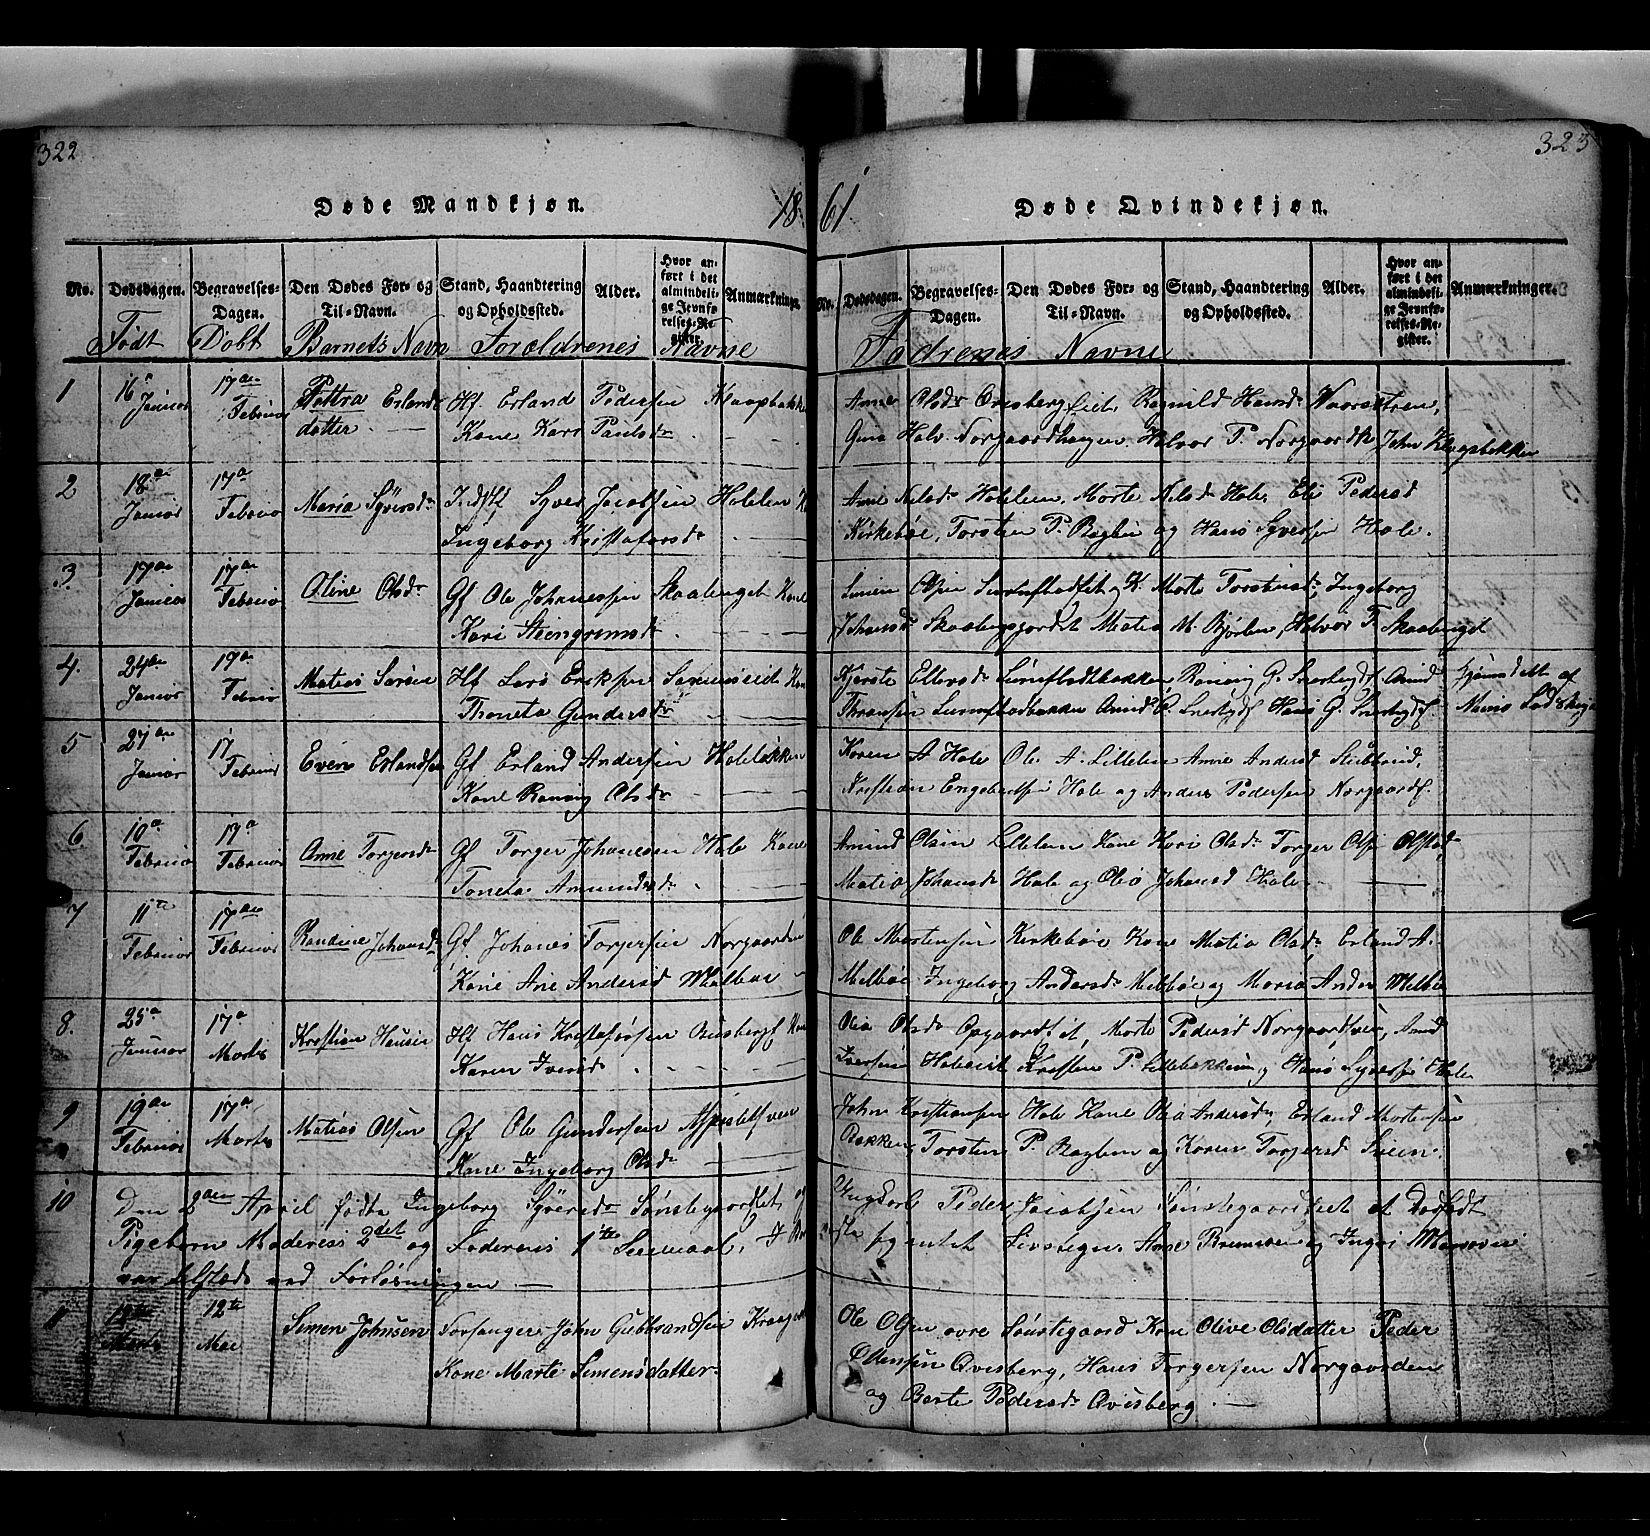 SAH, Gausdal prestekontor, Klokkerbok nr. 2, 1818-1874, s. 322-323